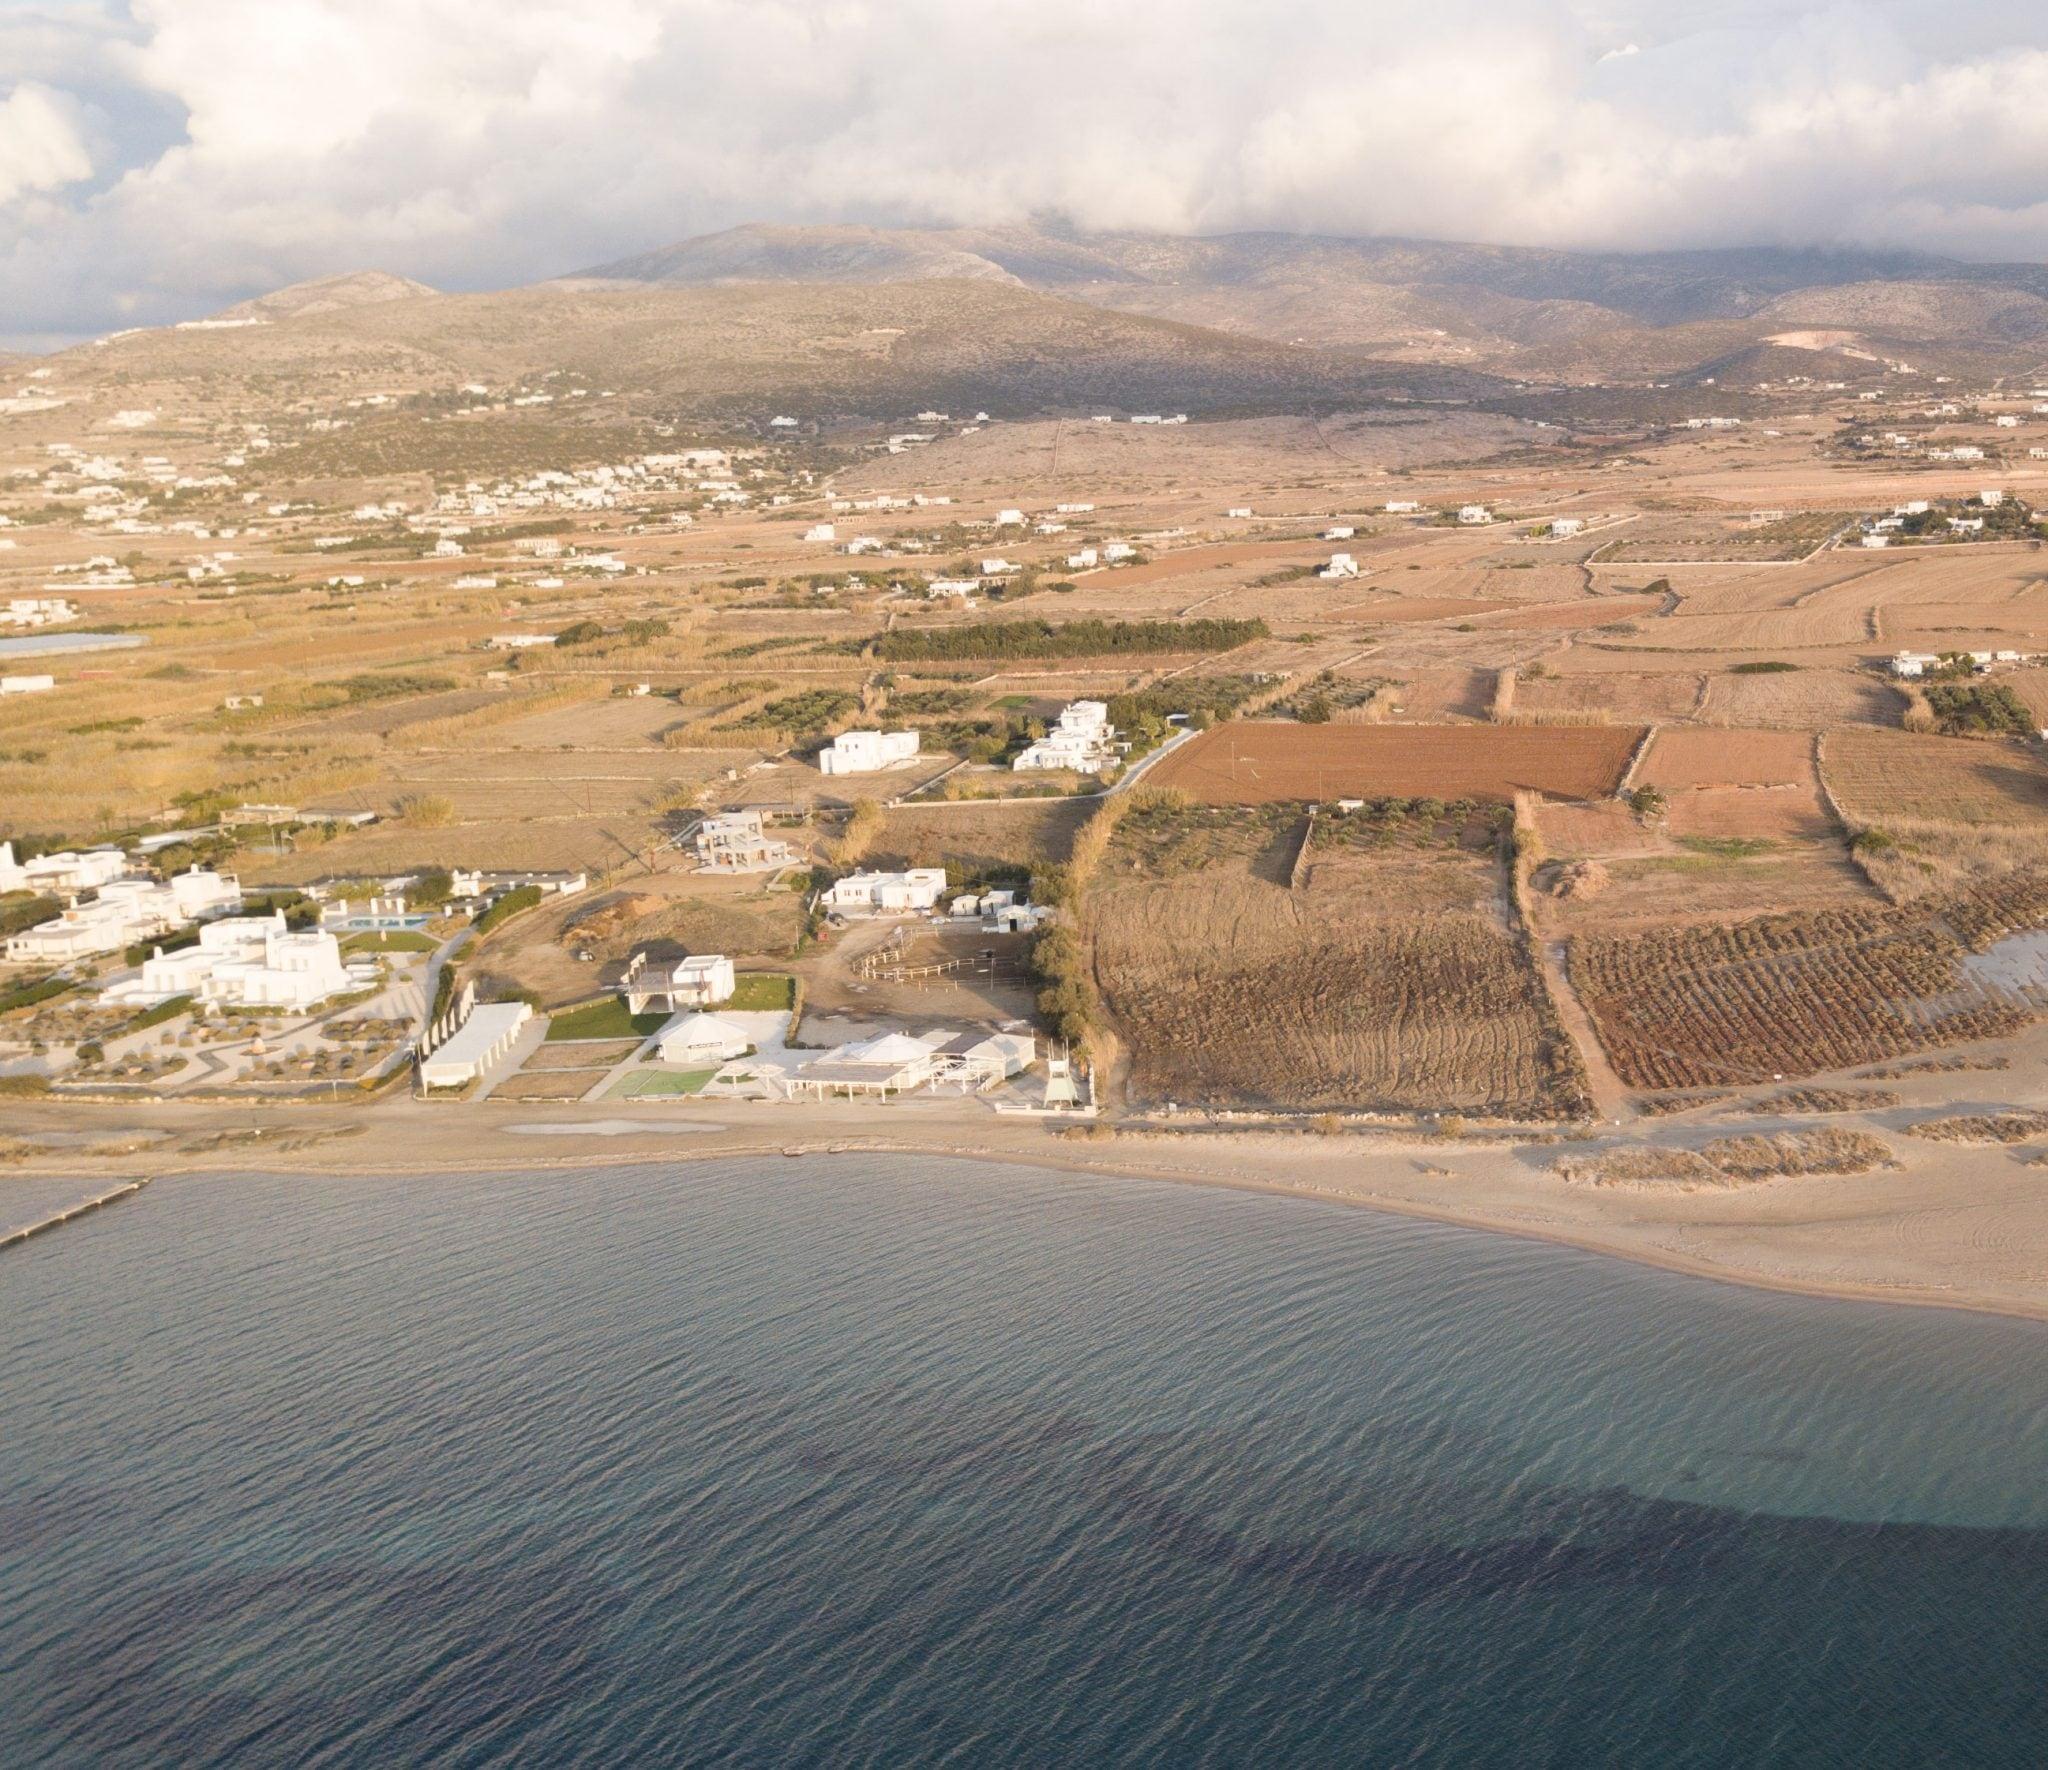 Terreno, Paros - Ref GR-4041